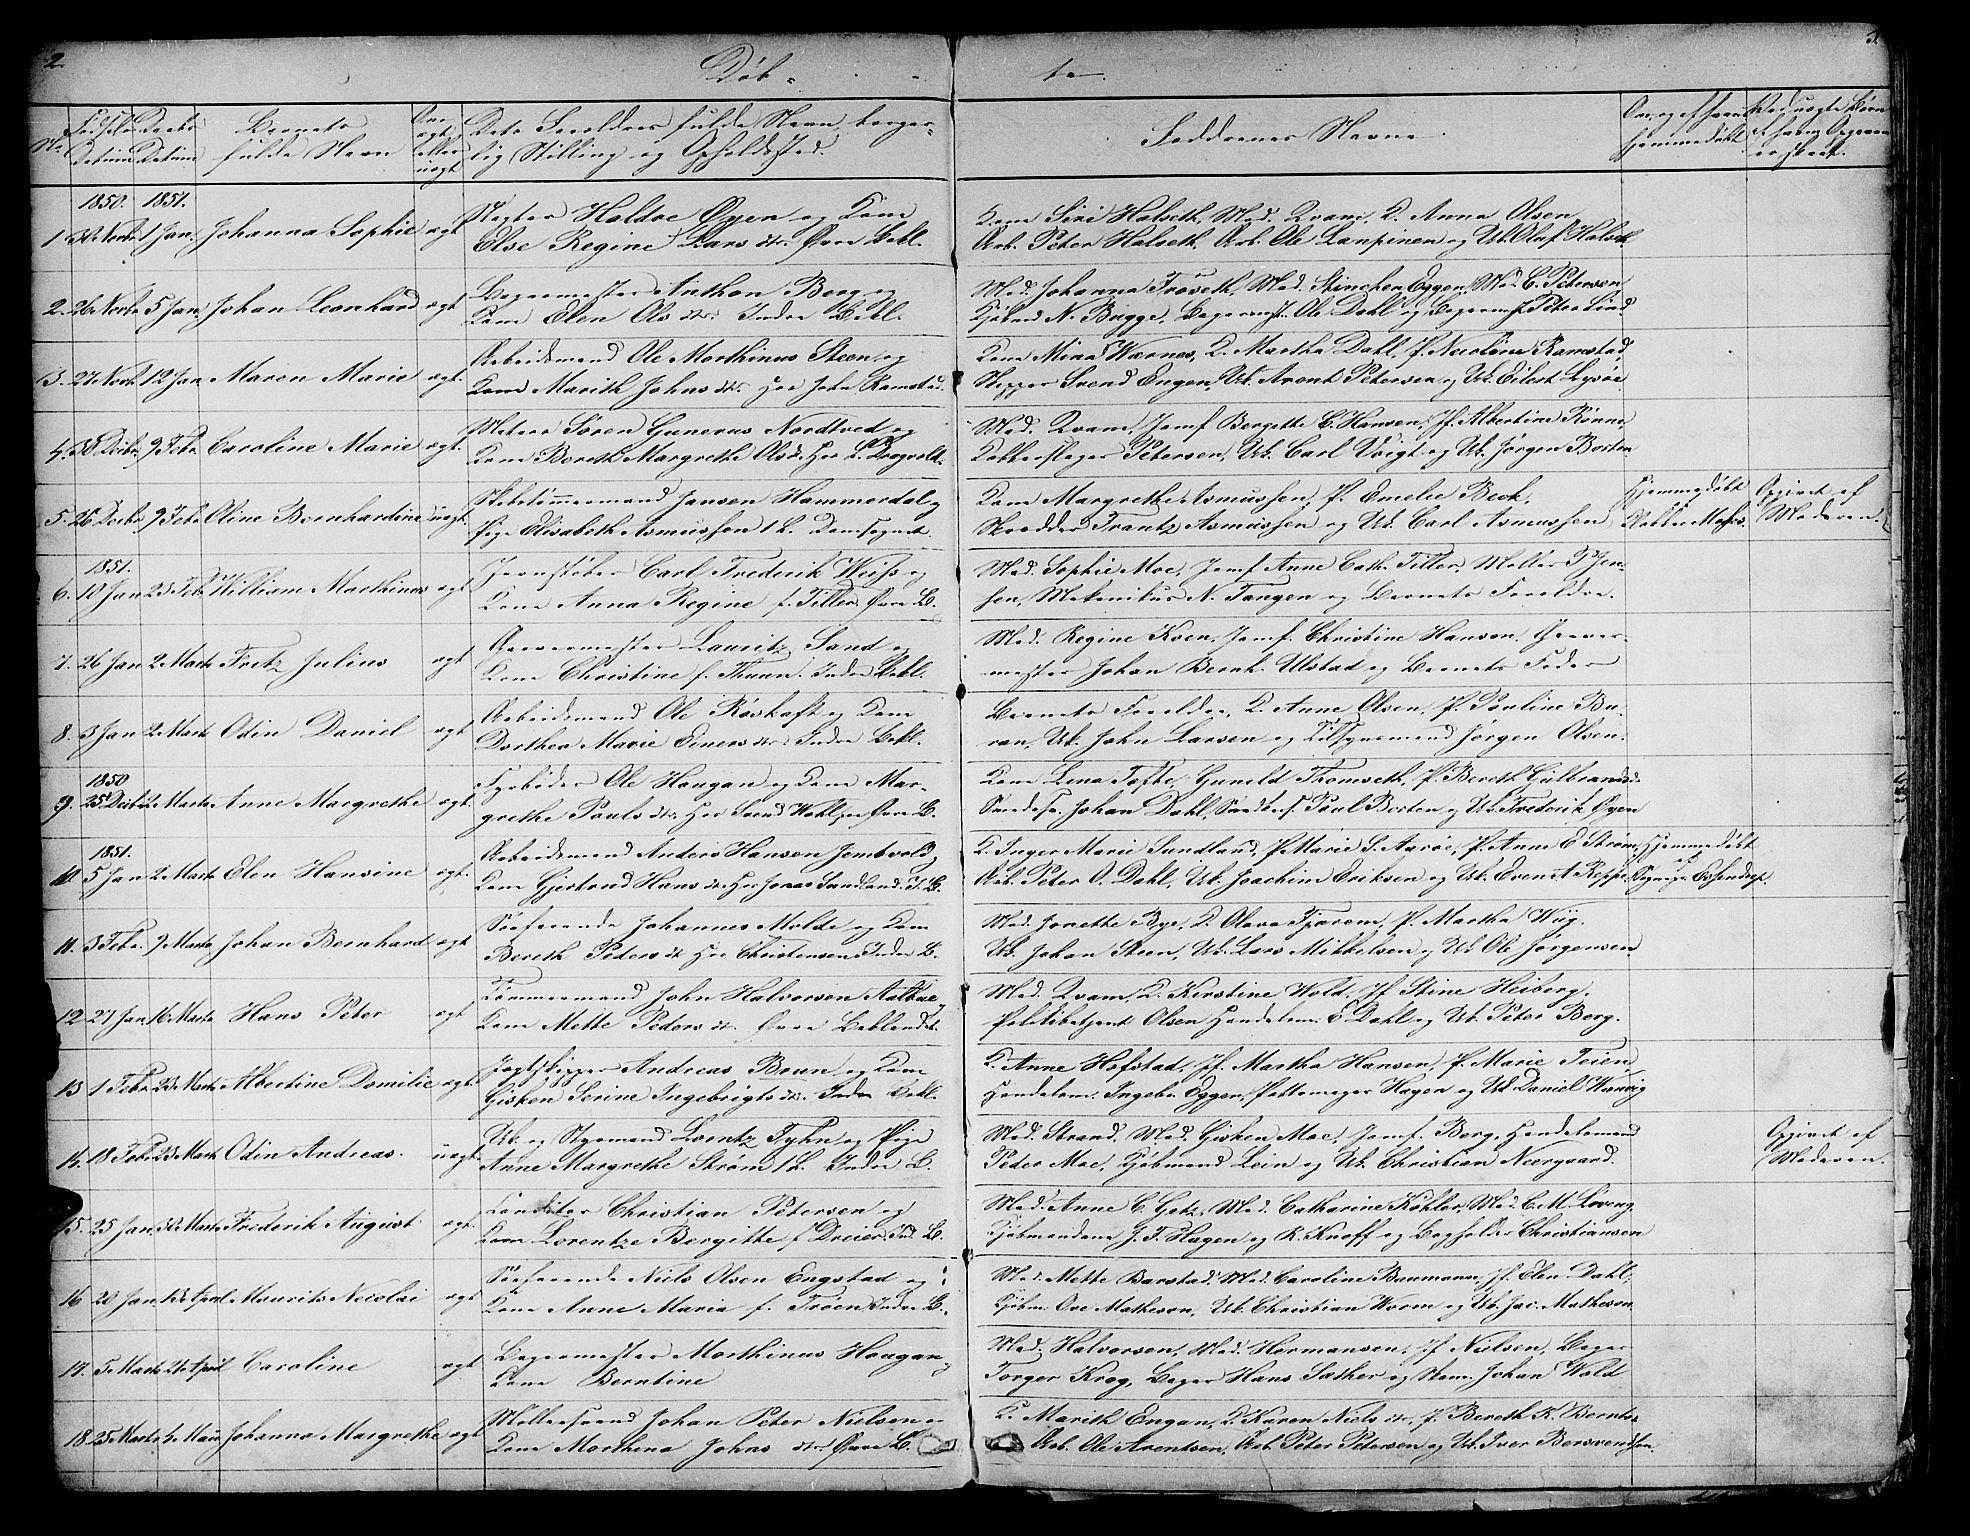 SAT, Ministerialprotokoller, klokkerbøker og fødselsregistre - Sør-Trøndelag, 604/L0219: Klokkerbok nr. 604C02, 1851-1869, s. 2-3